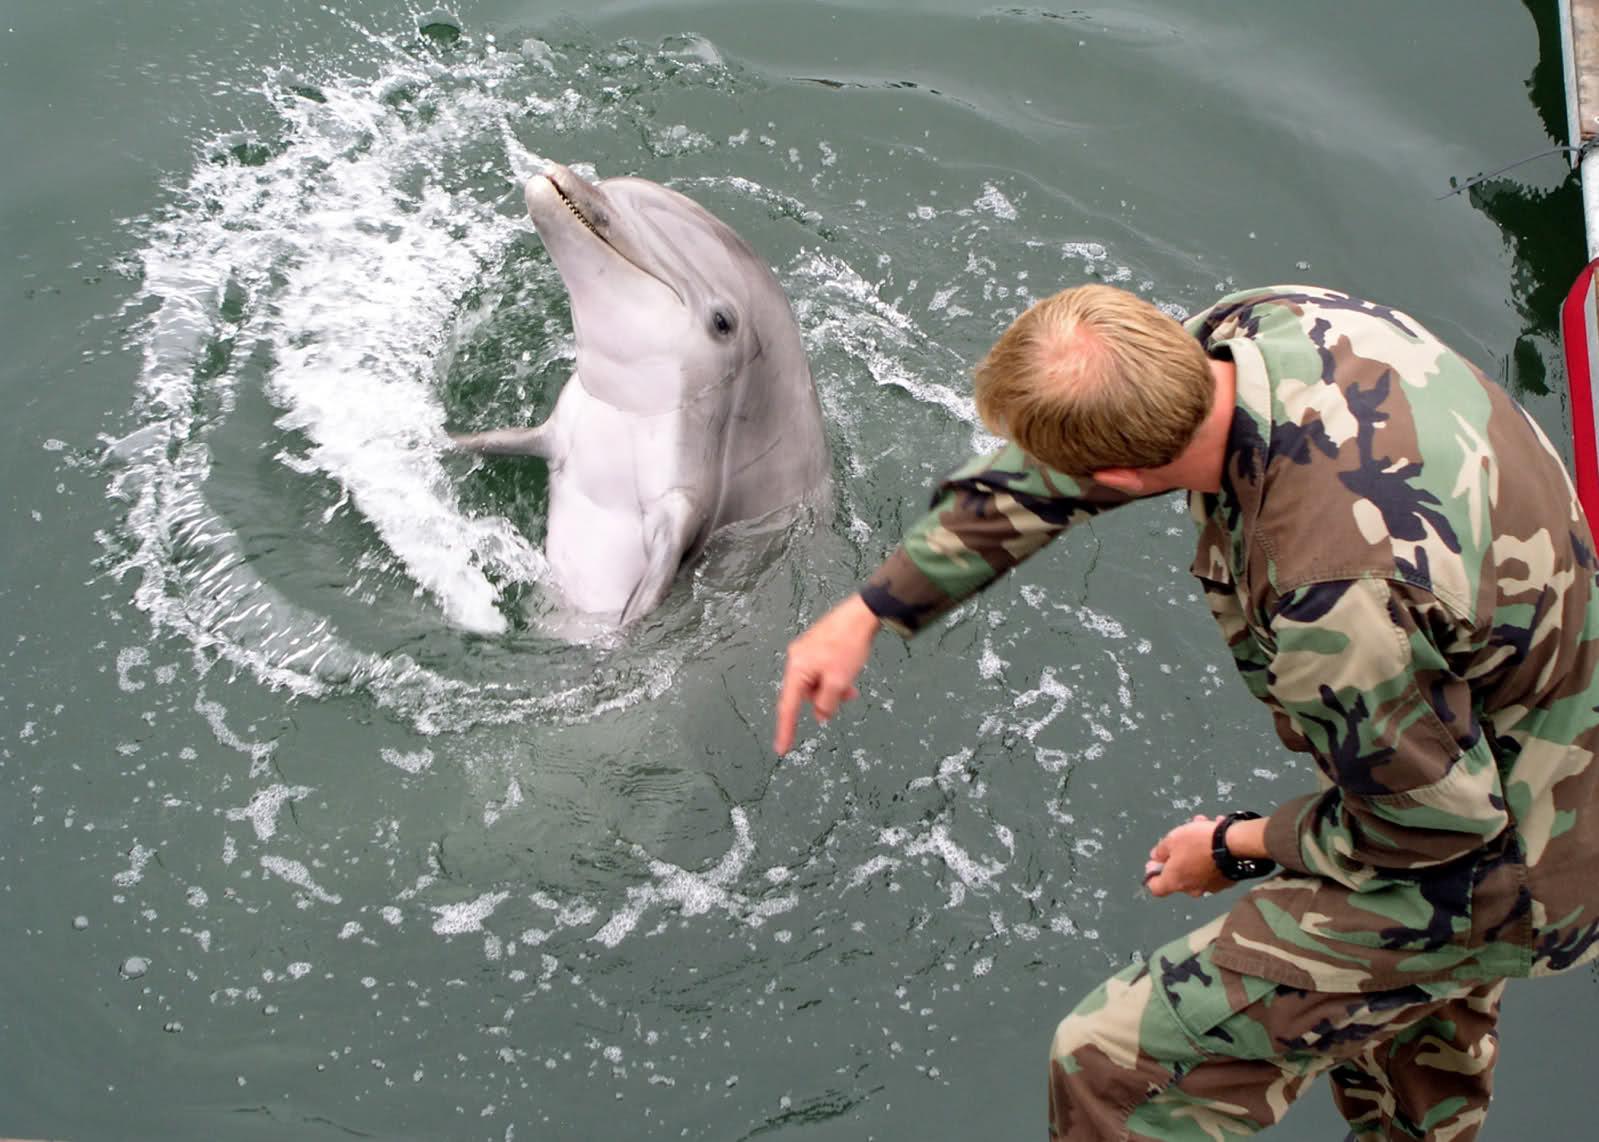 ikan lumba lumba, lumba lumba, gambar lumba lumba, ikan, lumba-lumba